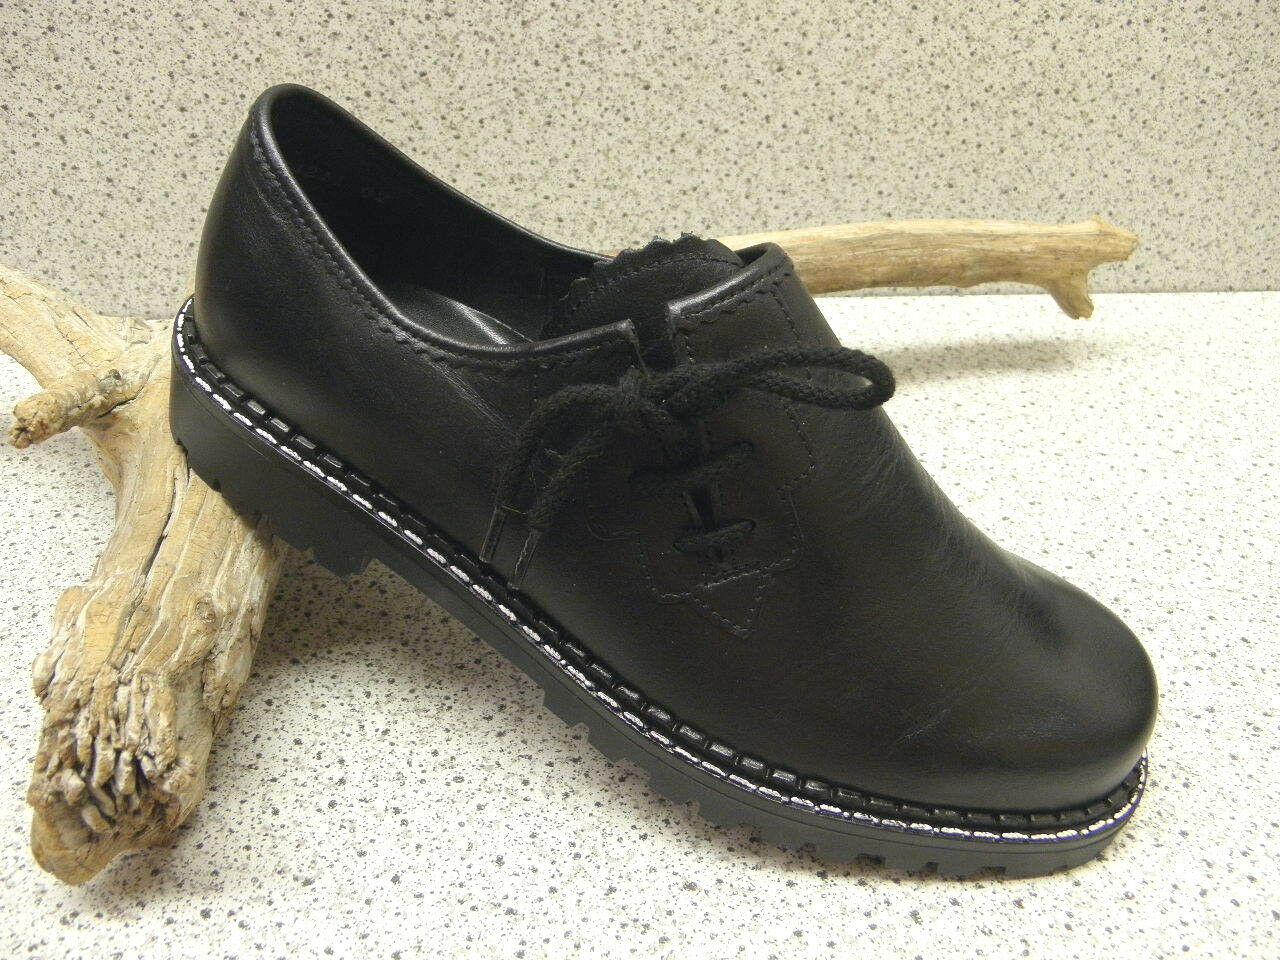 Zapatos casuales tiempo salvajes Descuento por tiempo casuales limitado Bleil ® reduziert bisher  99,95  Trachten, Haferl Leder schwarz (A15) 370bb3